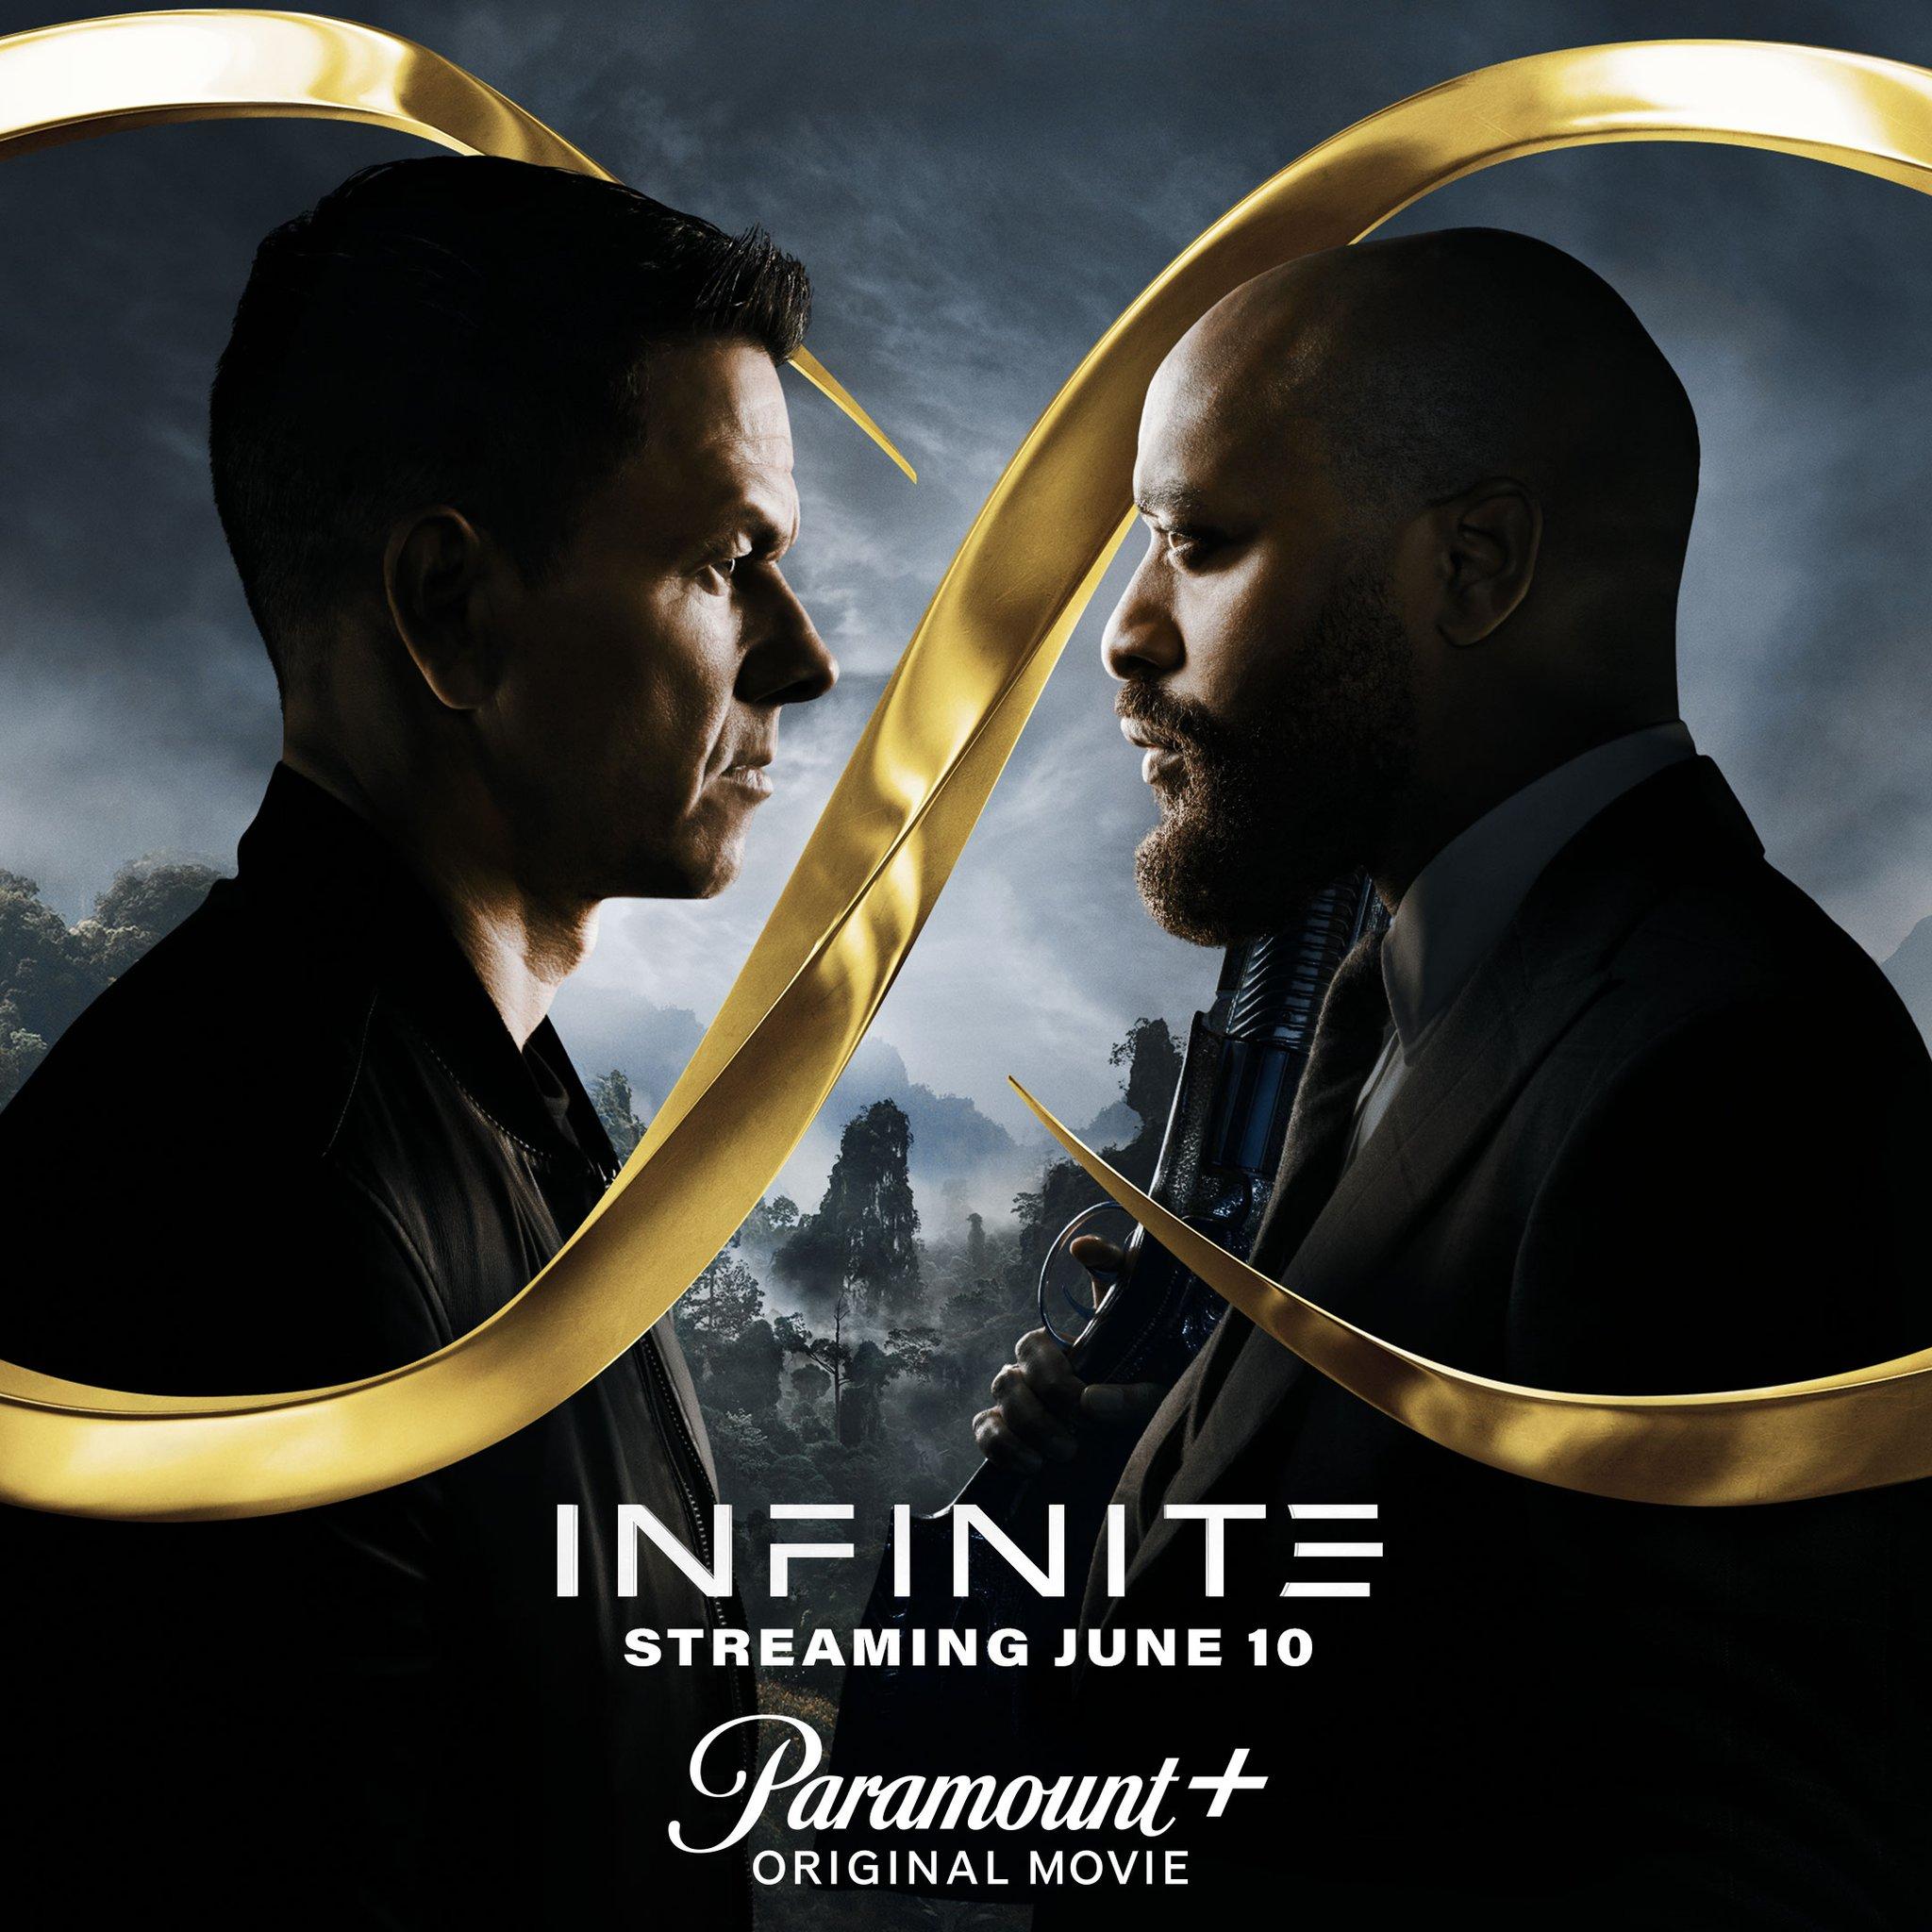 Infinite, la nueva película de Mark Wahlberg, se estrenará por Paramount+ en Latinoamérica, Canadá, Países Nórdicos y Australia el 11 de agosto